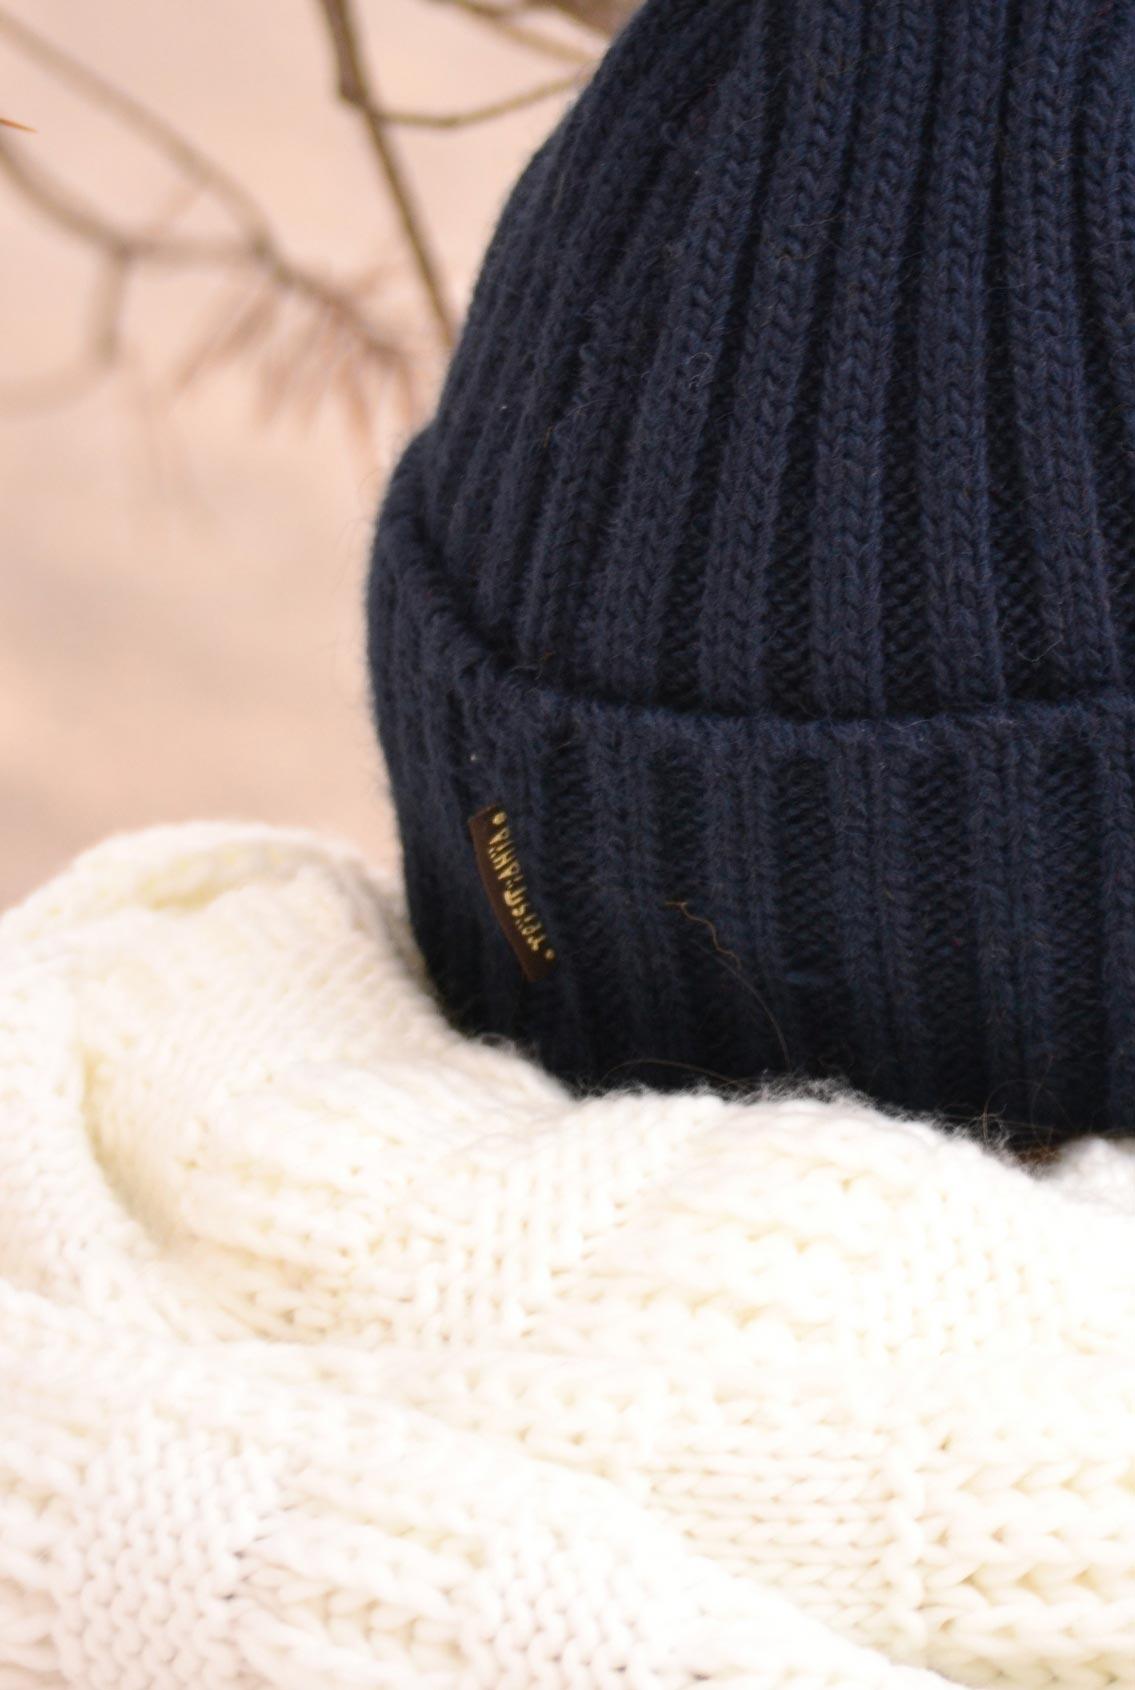 зимняя детская шапка, winter children's hat